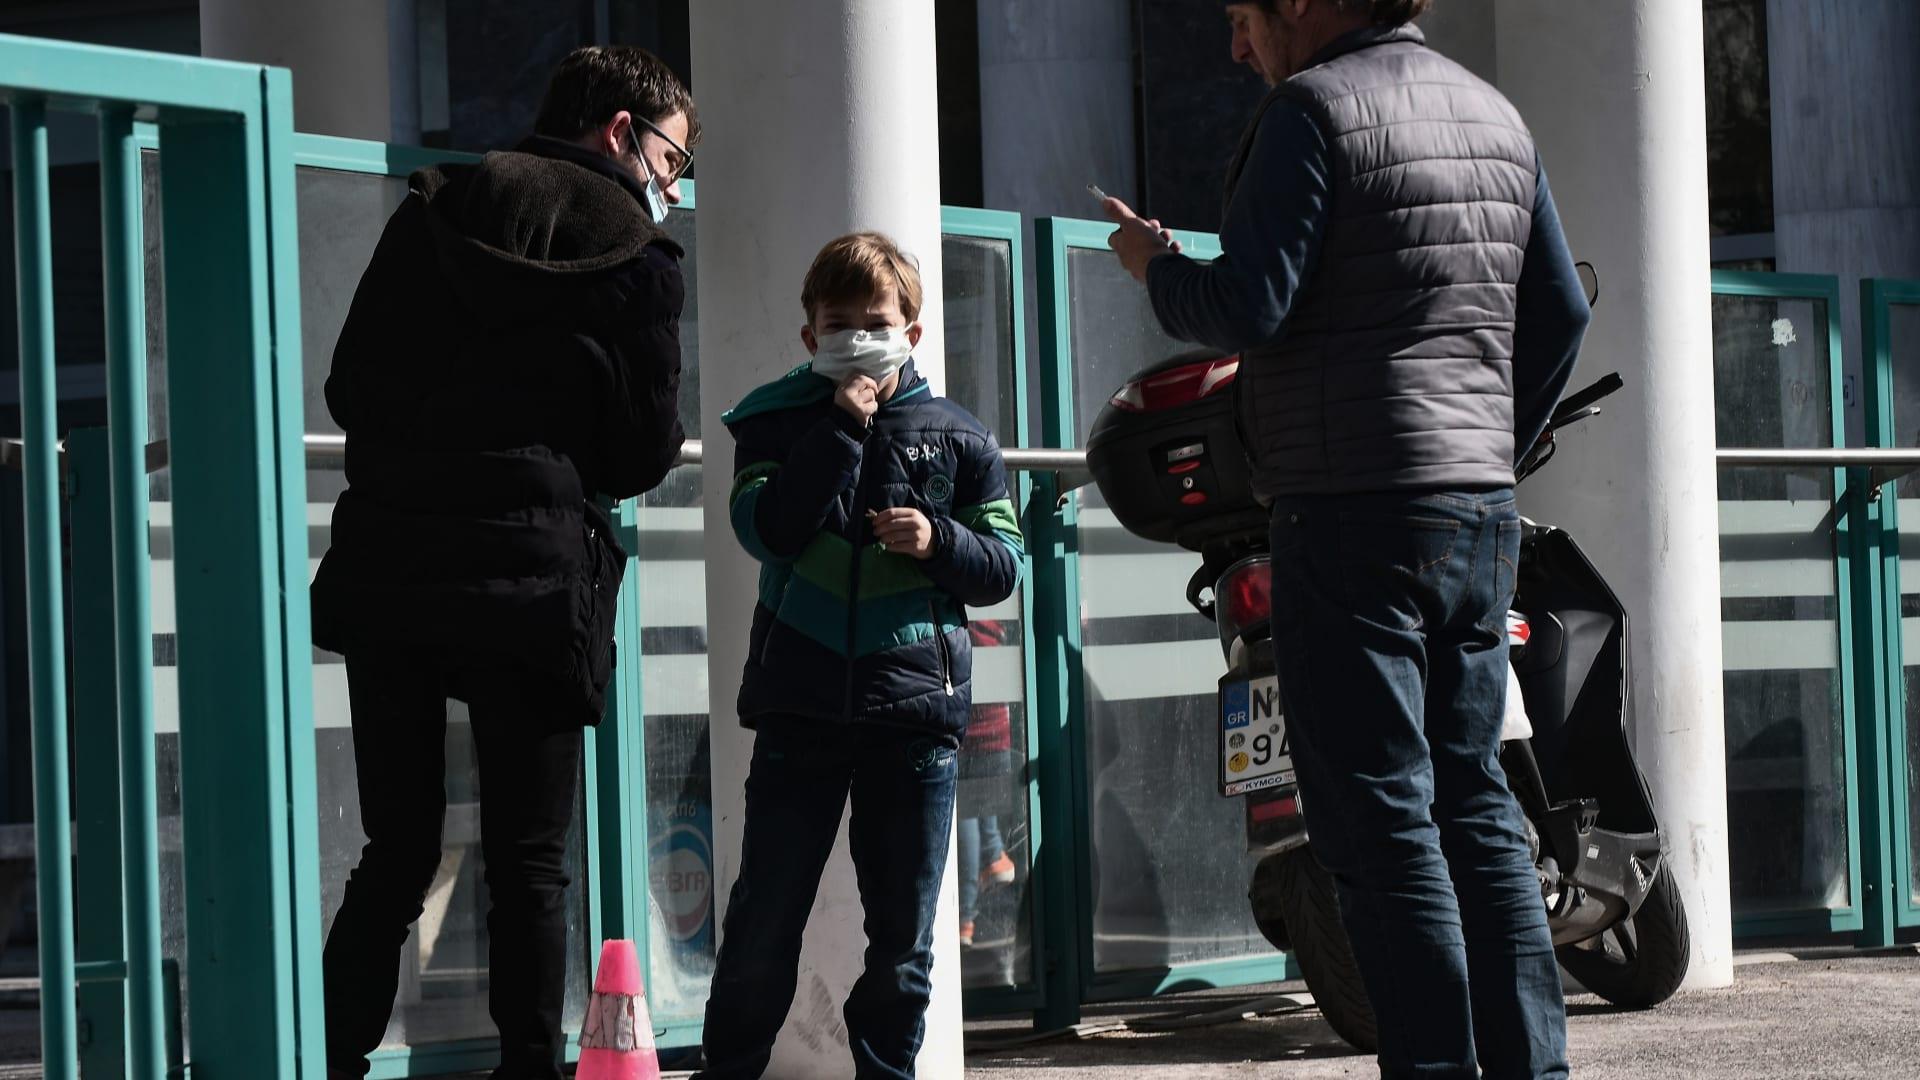 23 من بين 290 عضواً برلمانيا أصيبوا بفيروس كورونا في ايران